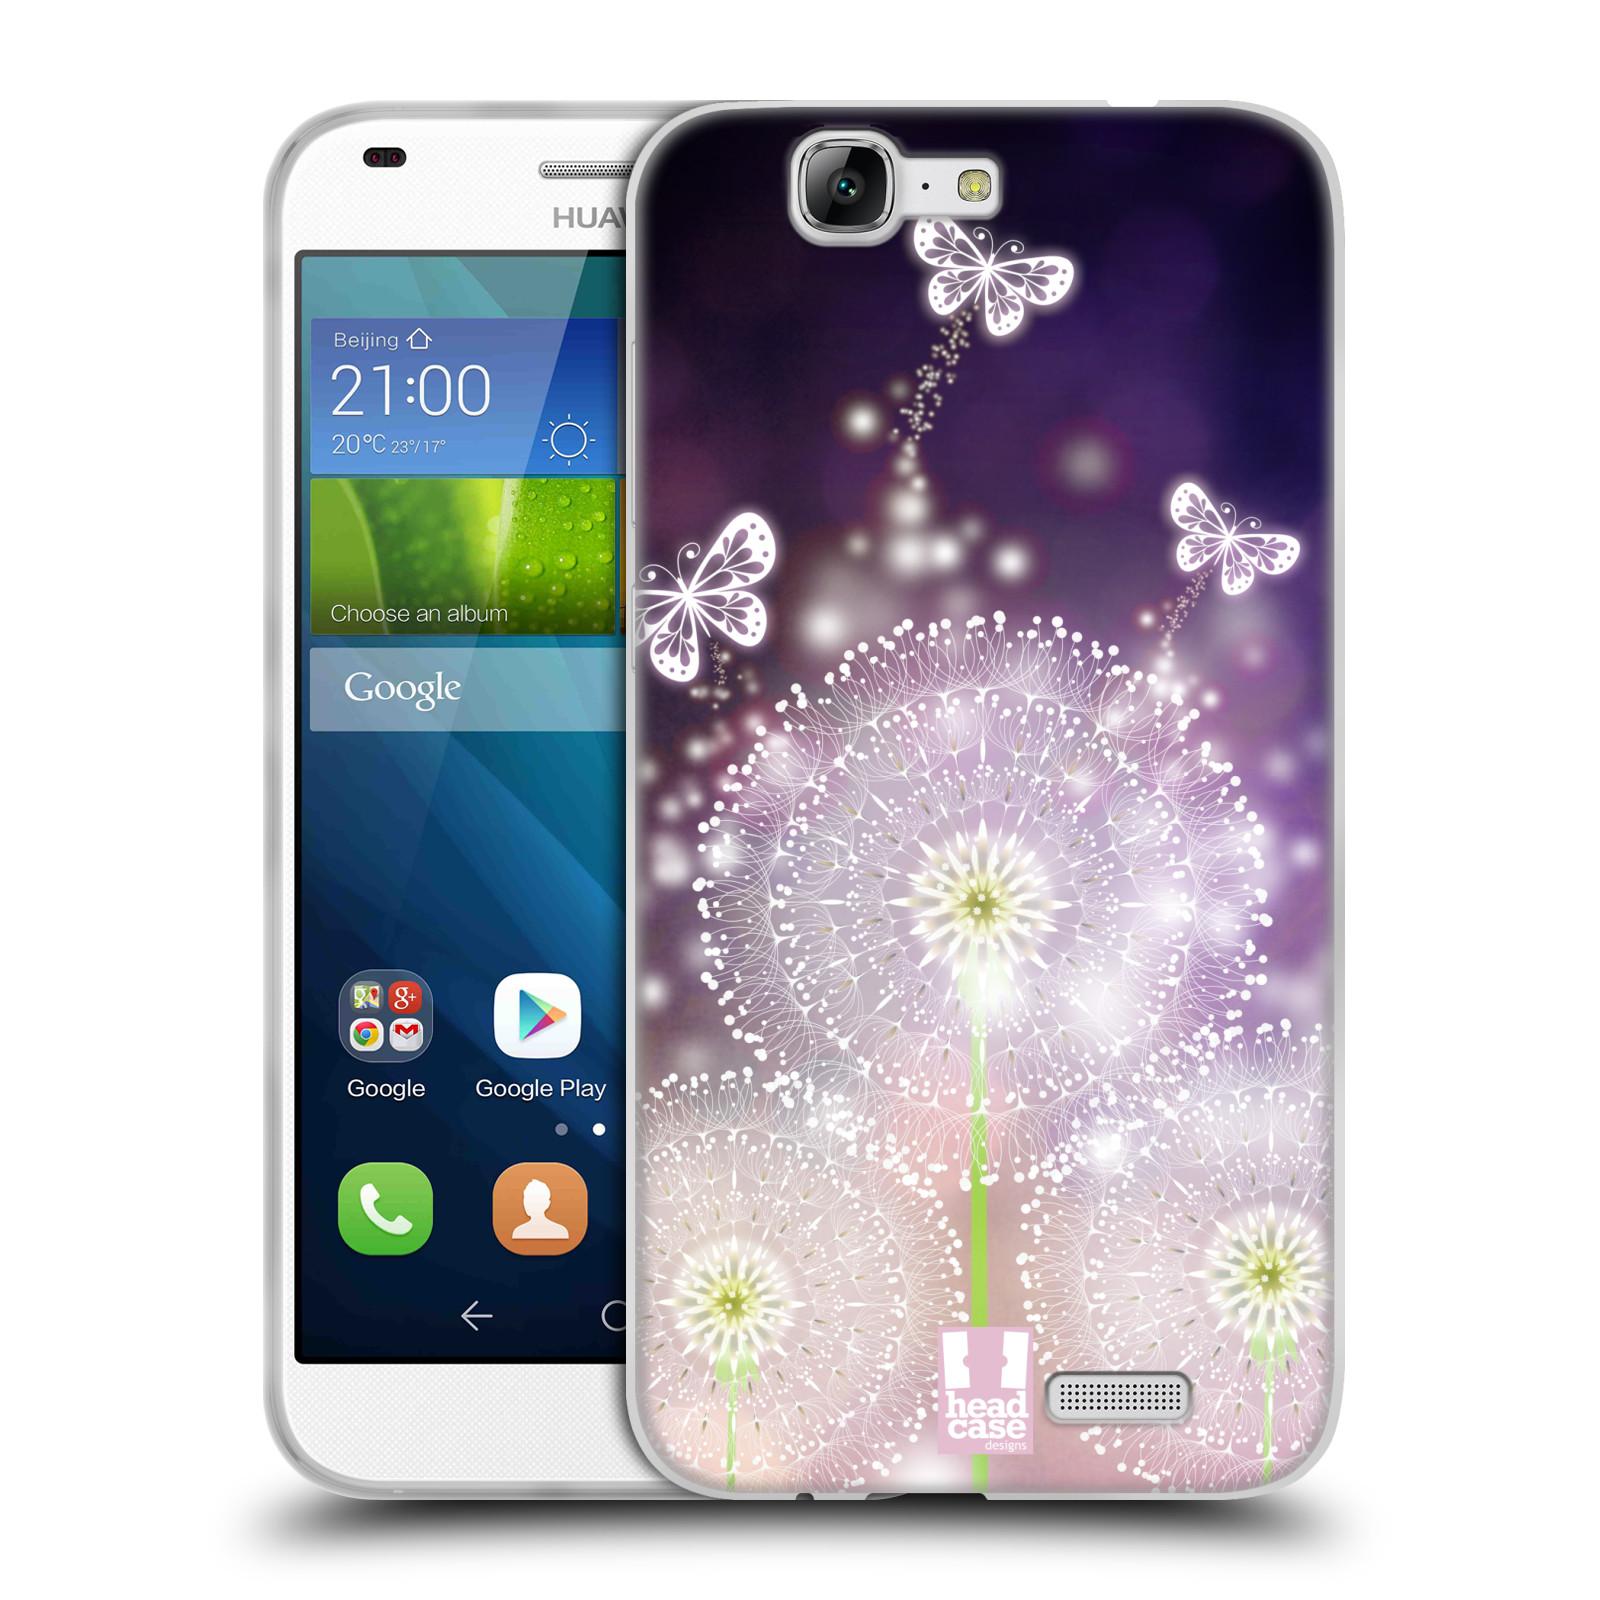 Silikonové pouzdro na mobil Huawei Ascend G7 HEAD CASE Pampelišky a Motýlci (Silikonový kryt či obal na mobilní telefon Huawei Ascend G7)